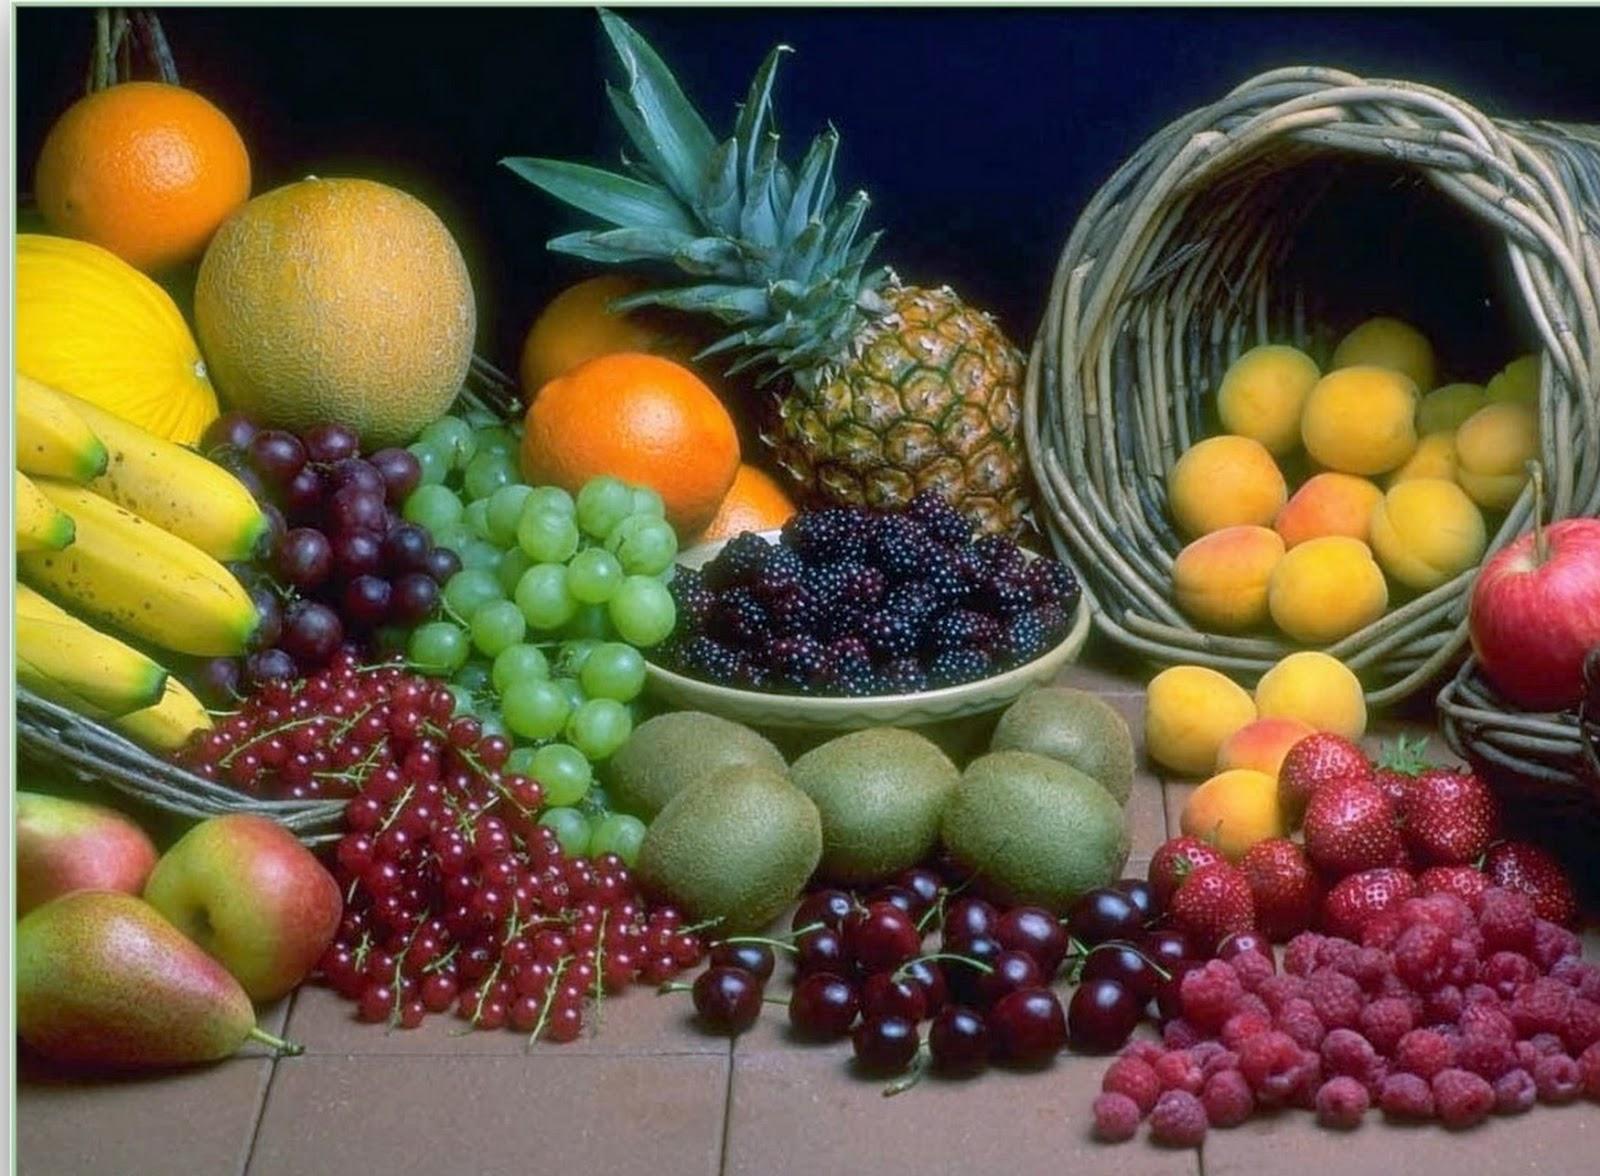 Im genes arte pinturas frutas leo - Fotos de bodegones de frutas ...